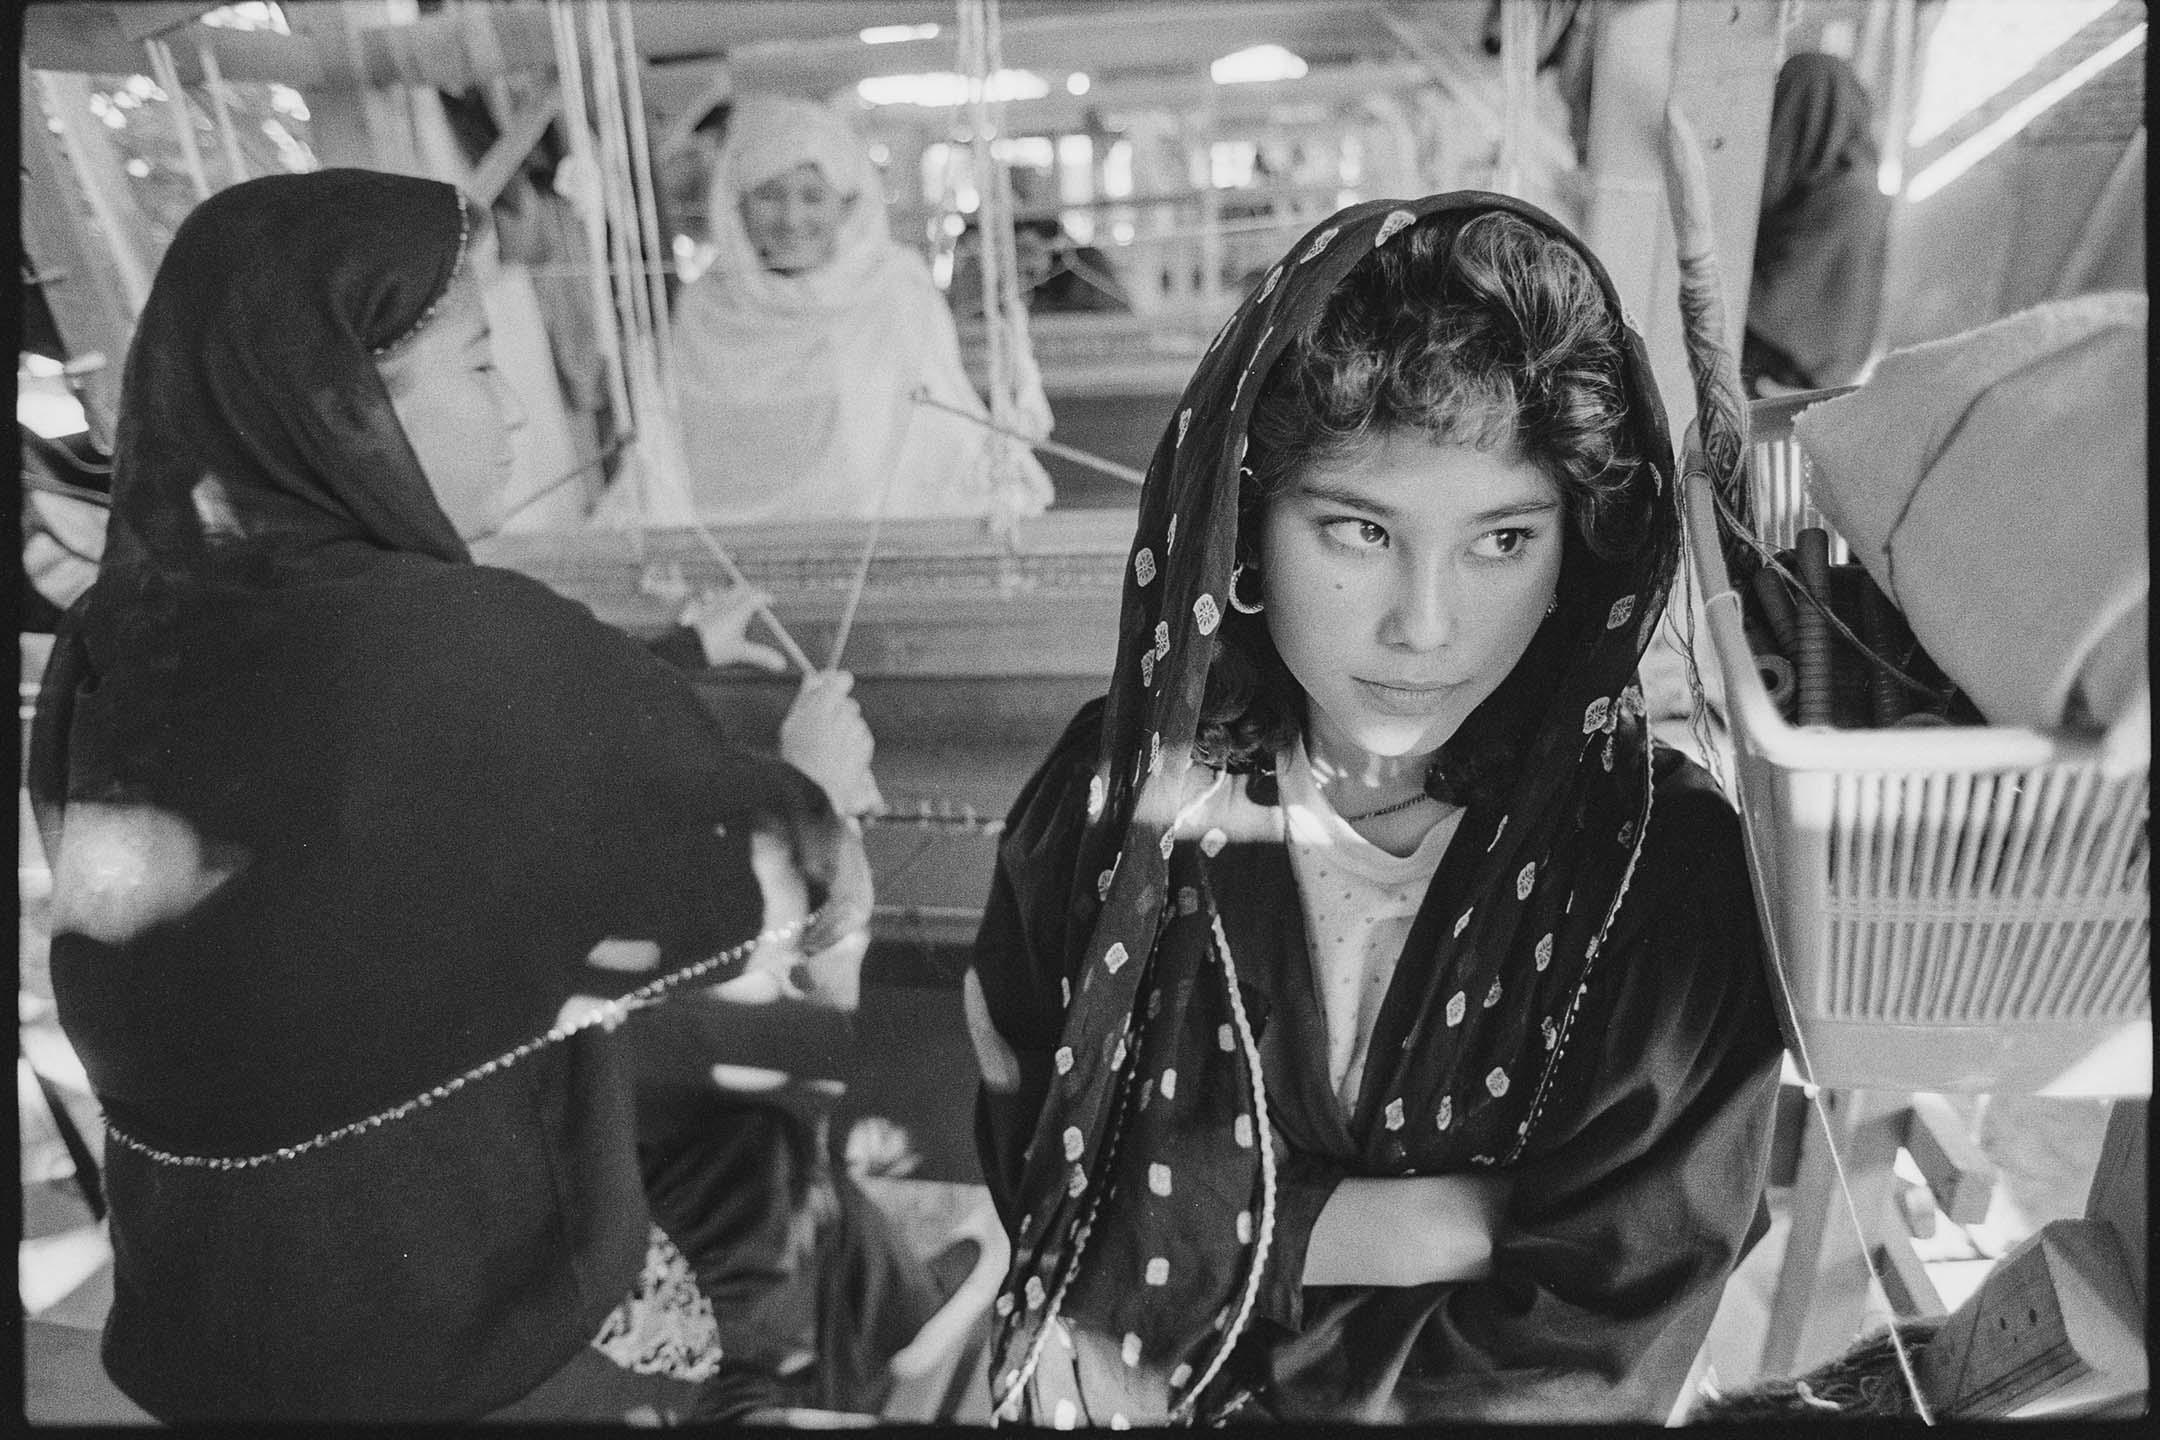 1996年阿富汗,戴著頭飾的女人。 攝:David Turnley/VCG via Getty Images